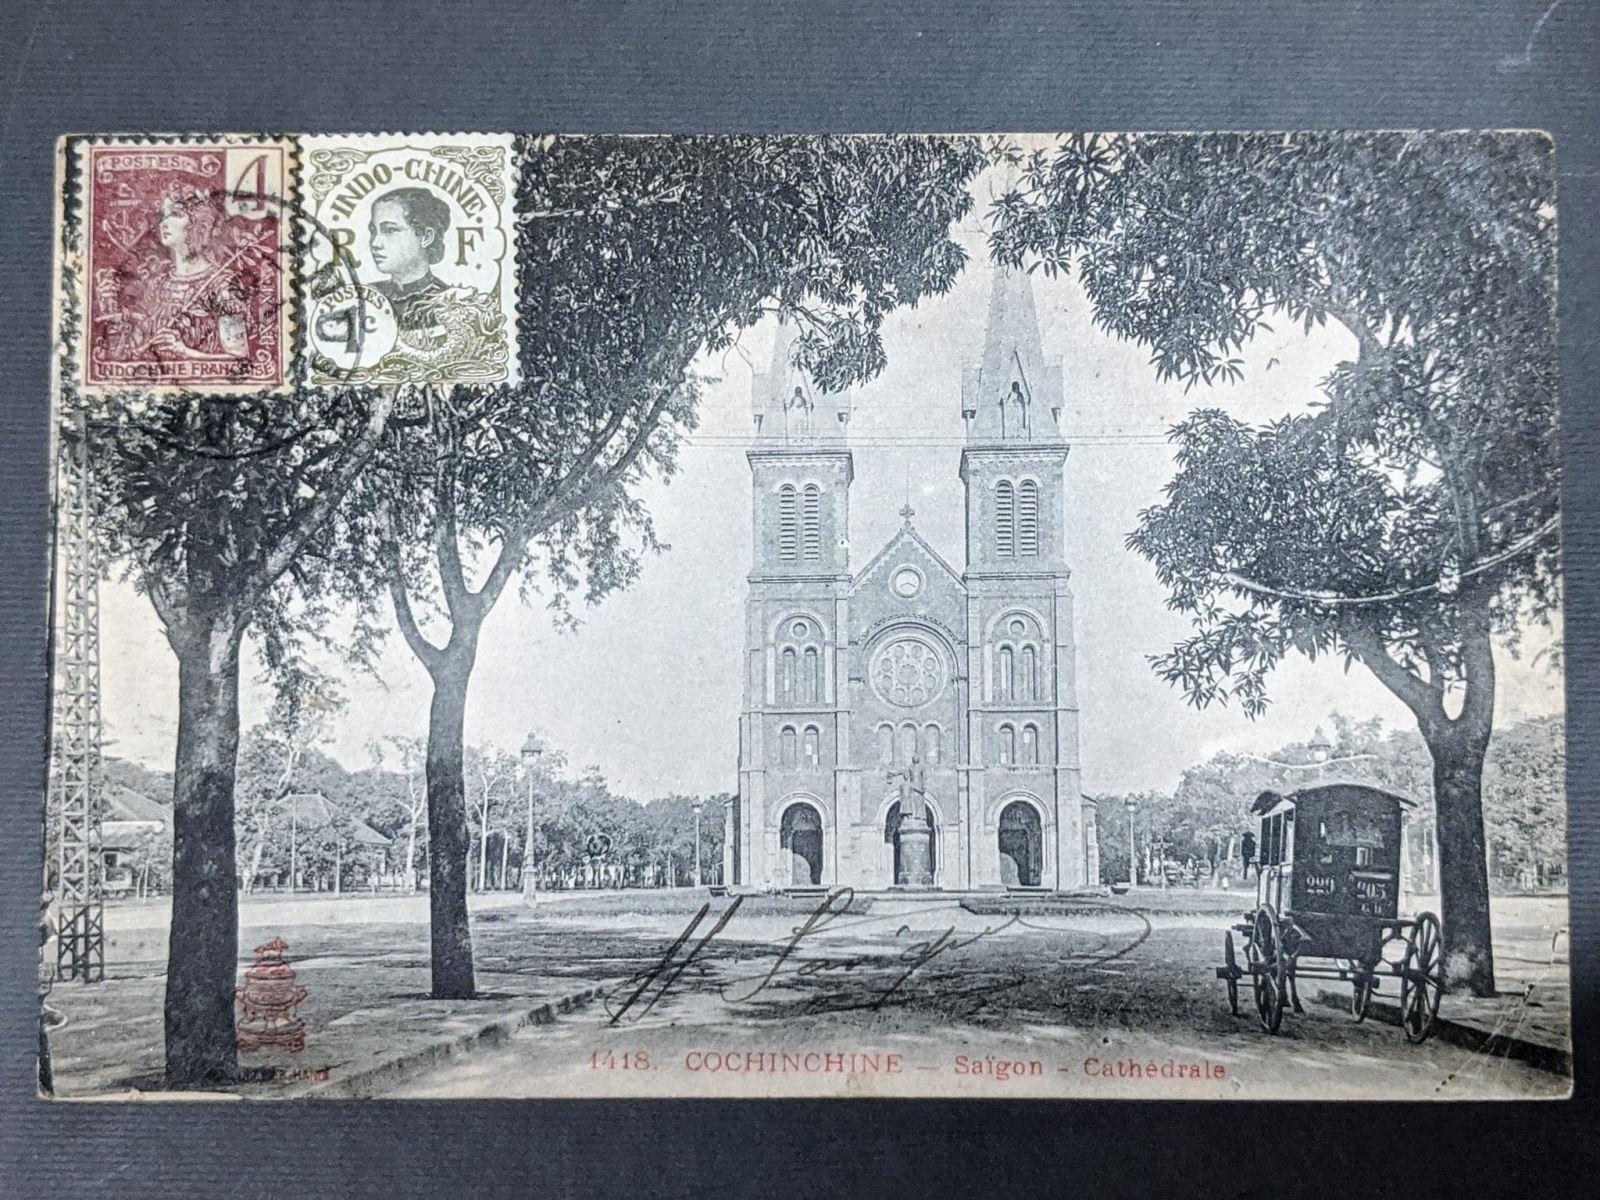 Nhà thờ Đức Bà Sài Gòn qua một bài báo cách đây hơn 60 năm - 7